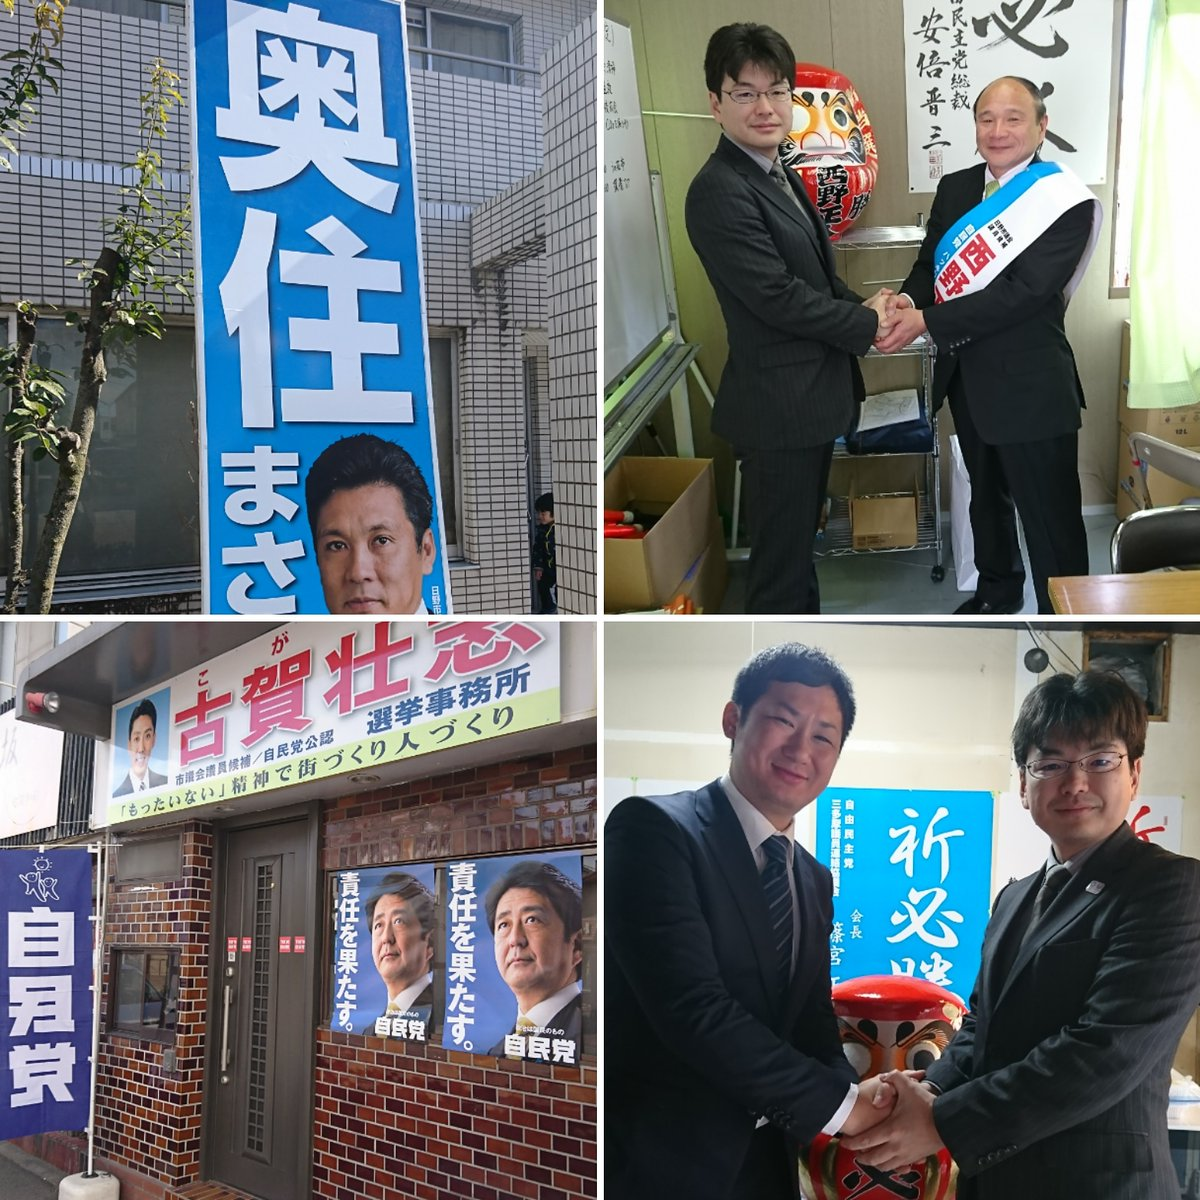 0213_日野市議選候補.jpg